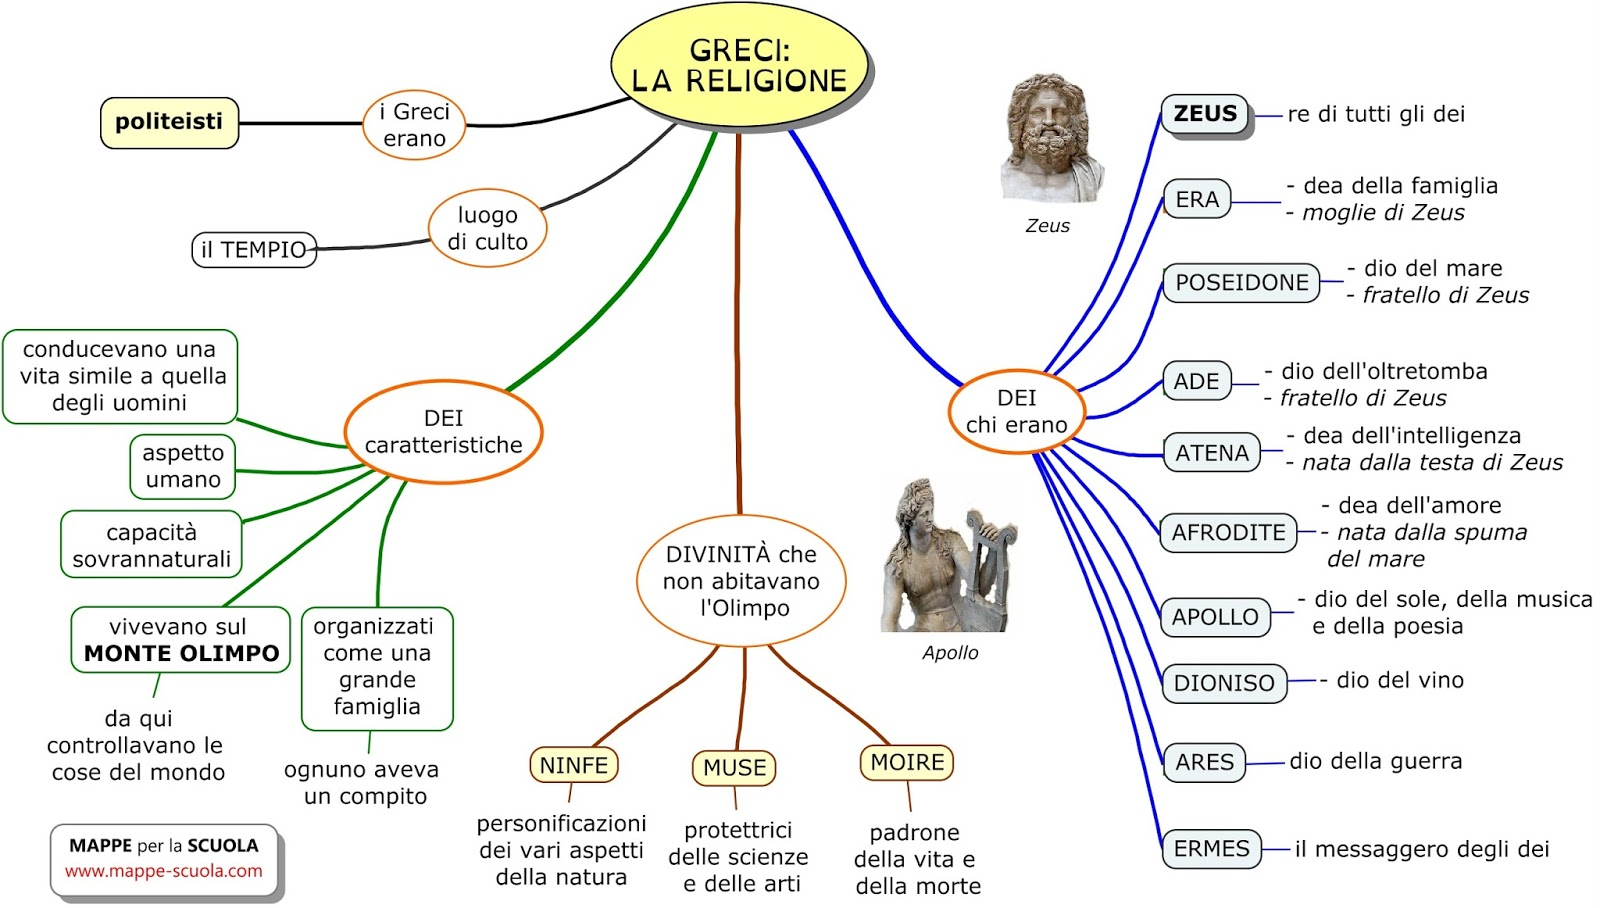 Mappe per la scuola greci la religione gli dei for 1 1 2 casa di storia